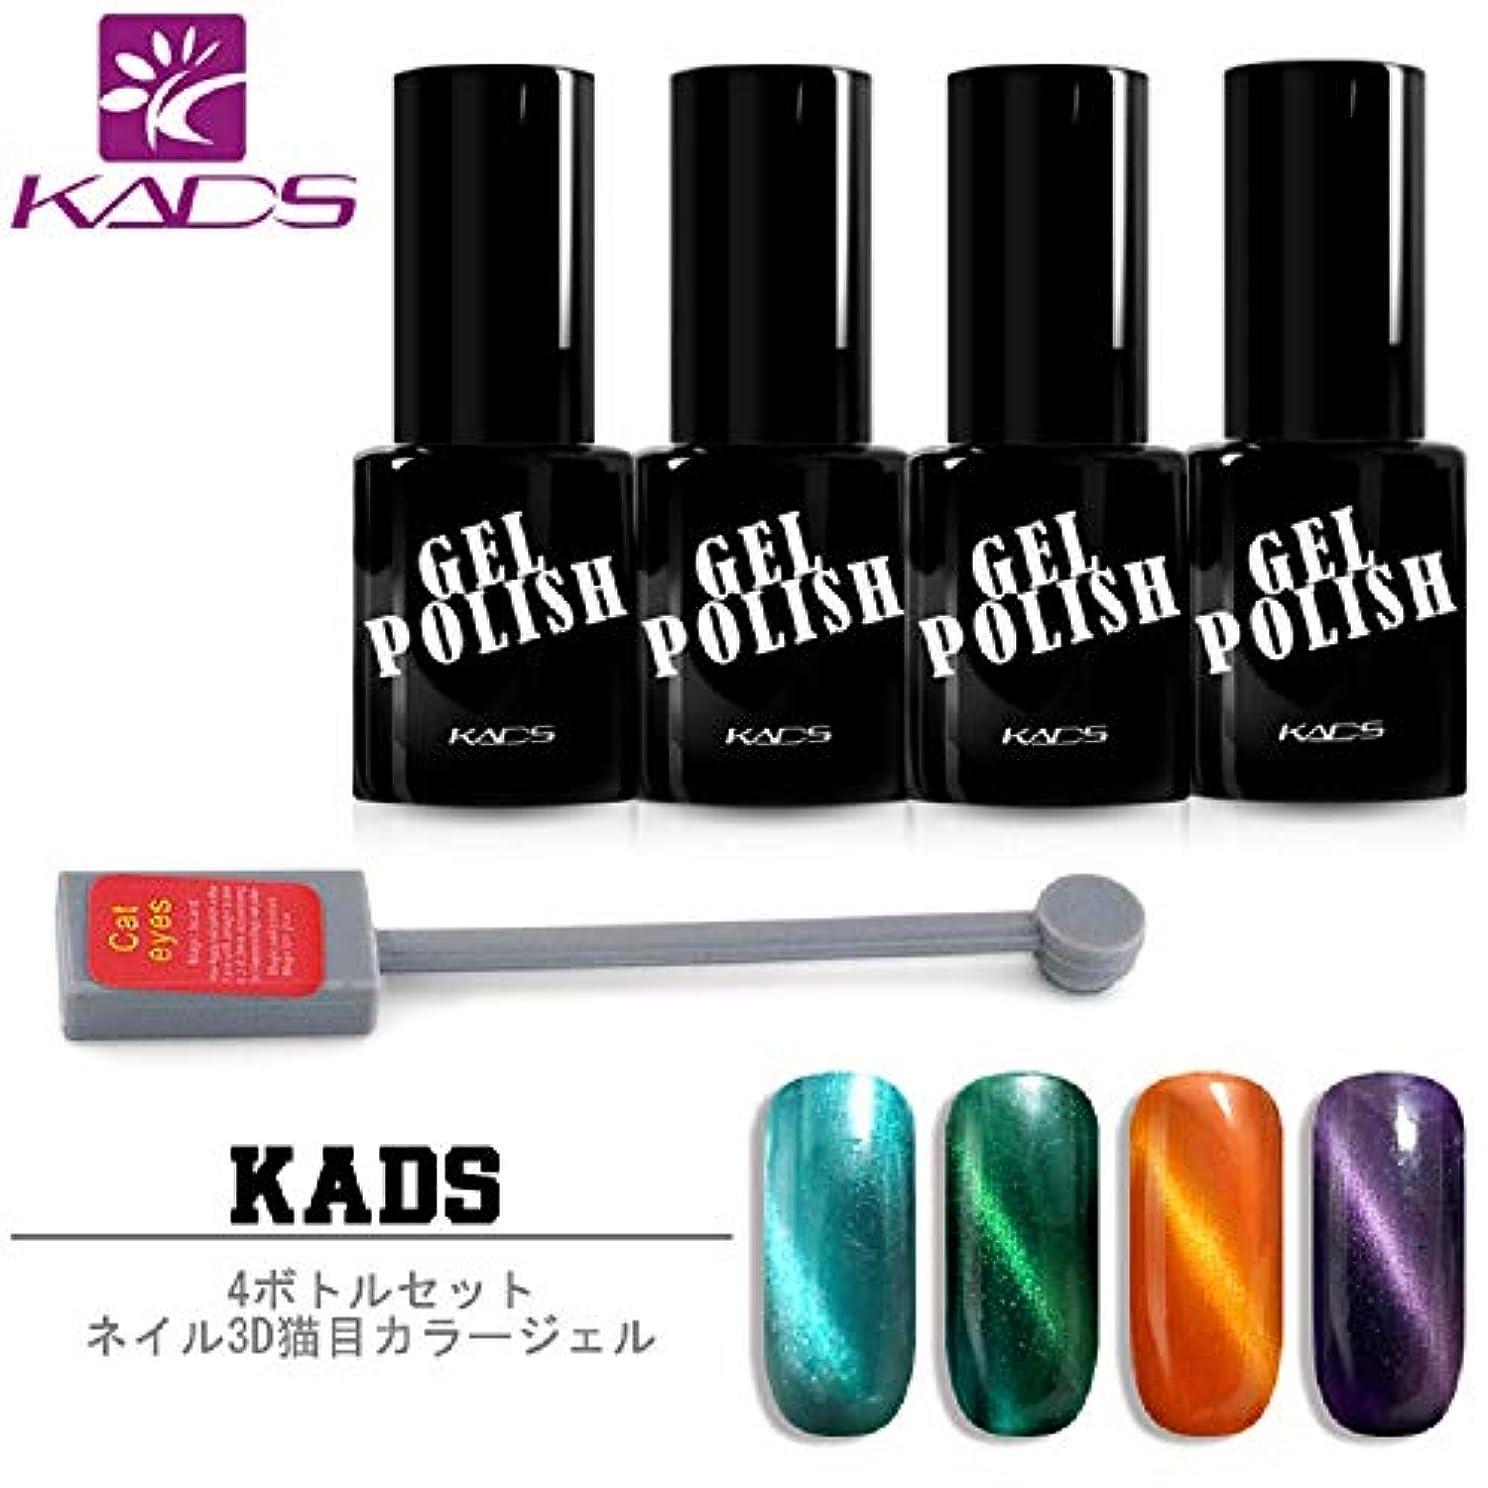 蓄積する知覚する野生KADS キャッツアイジェル ジェルネイル カラーポリッシュ 4色セット 猫目 UV/LED対応 マグネット 磁石付き マニキュアセット (セット2)